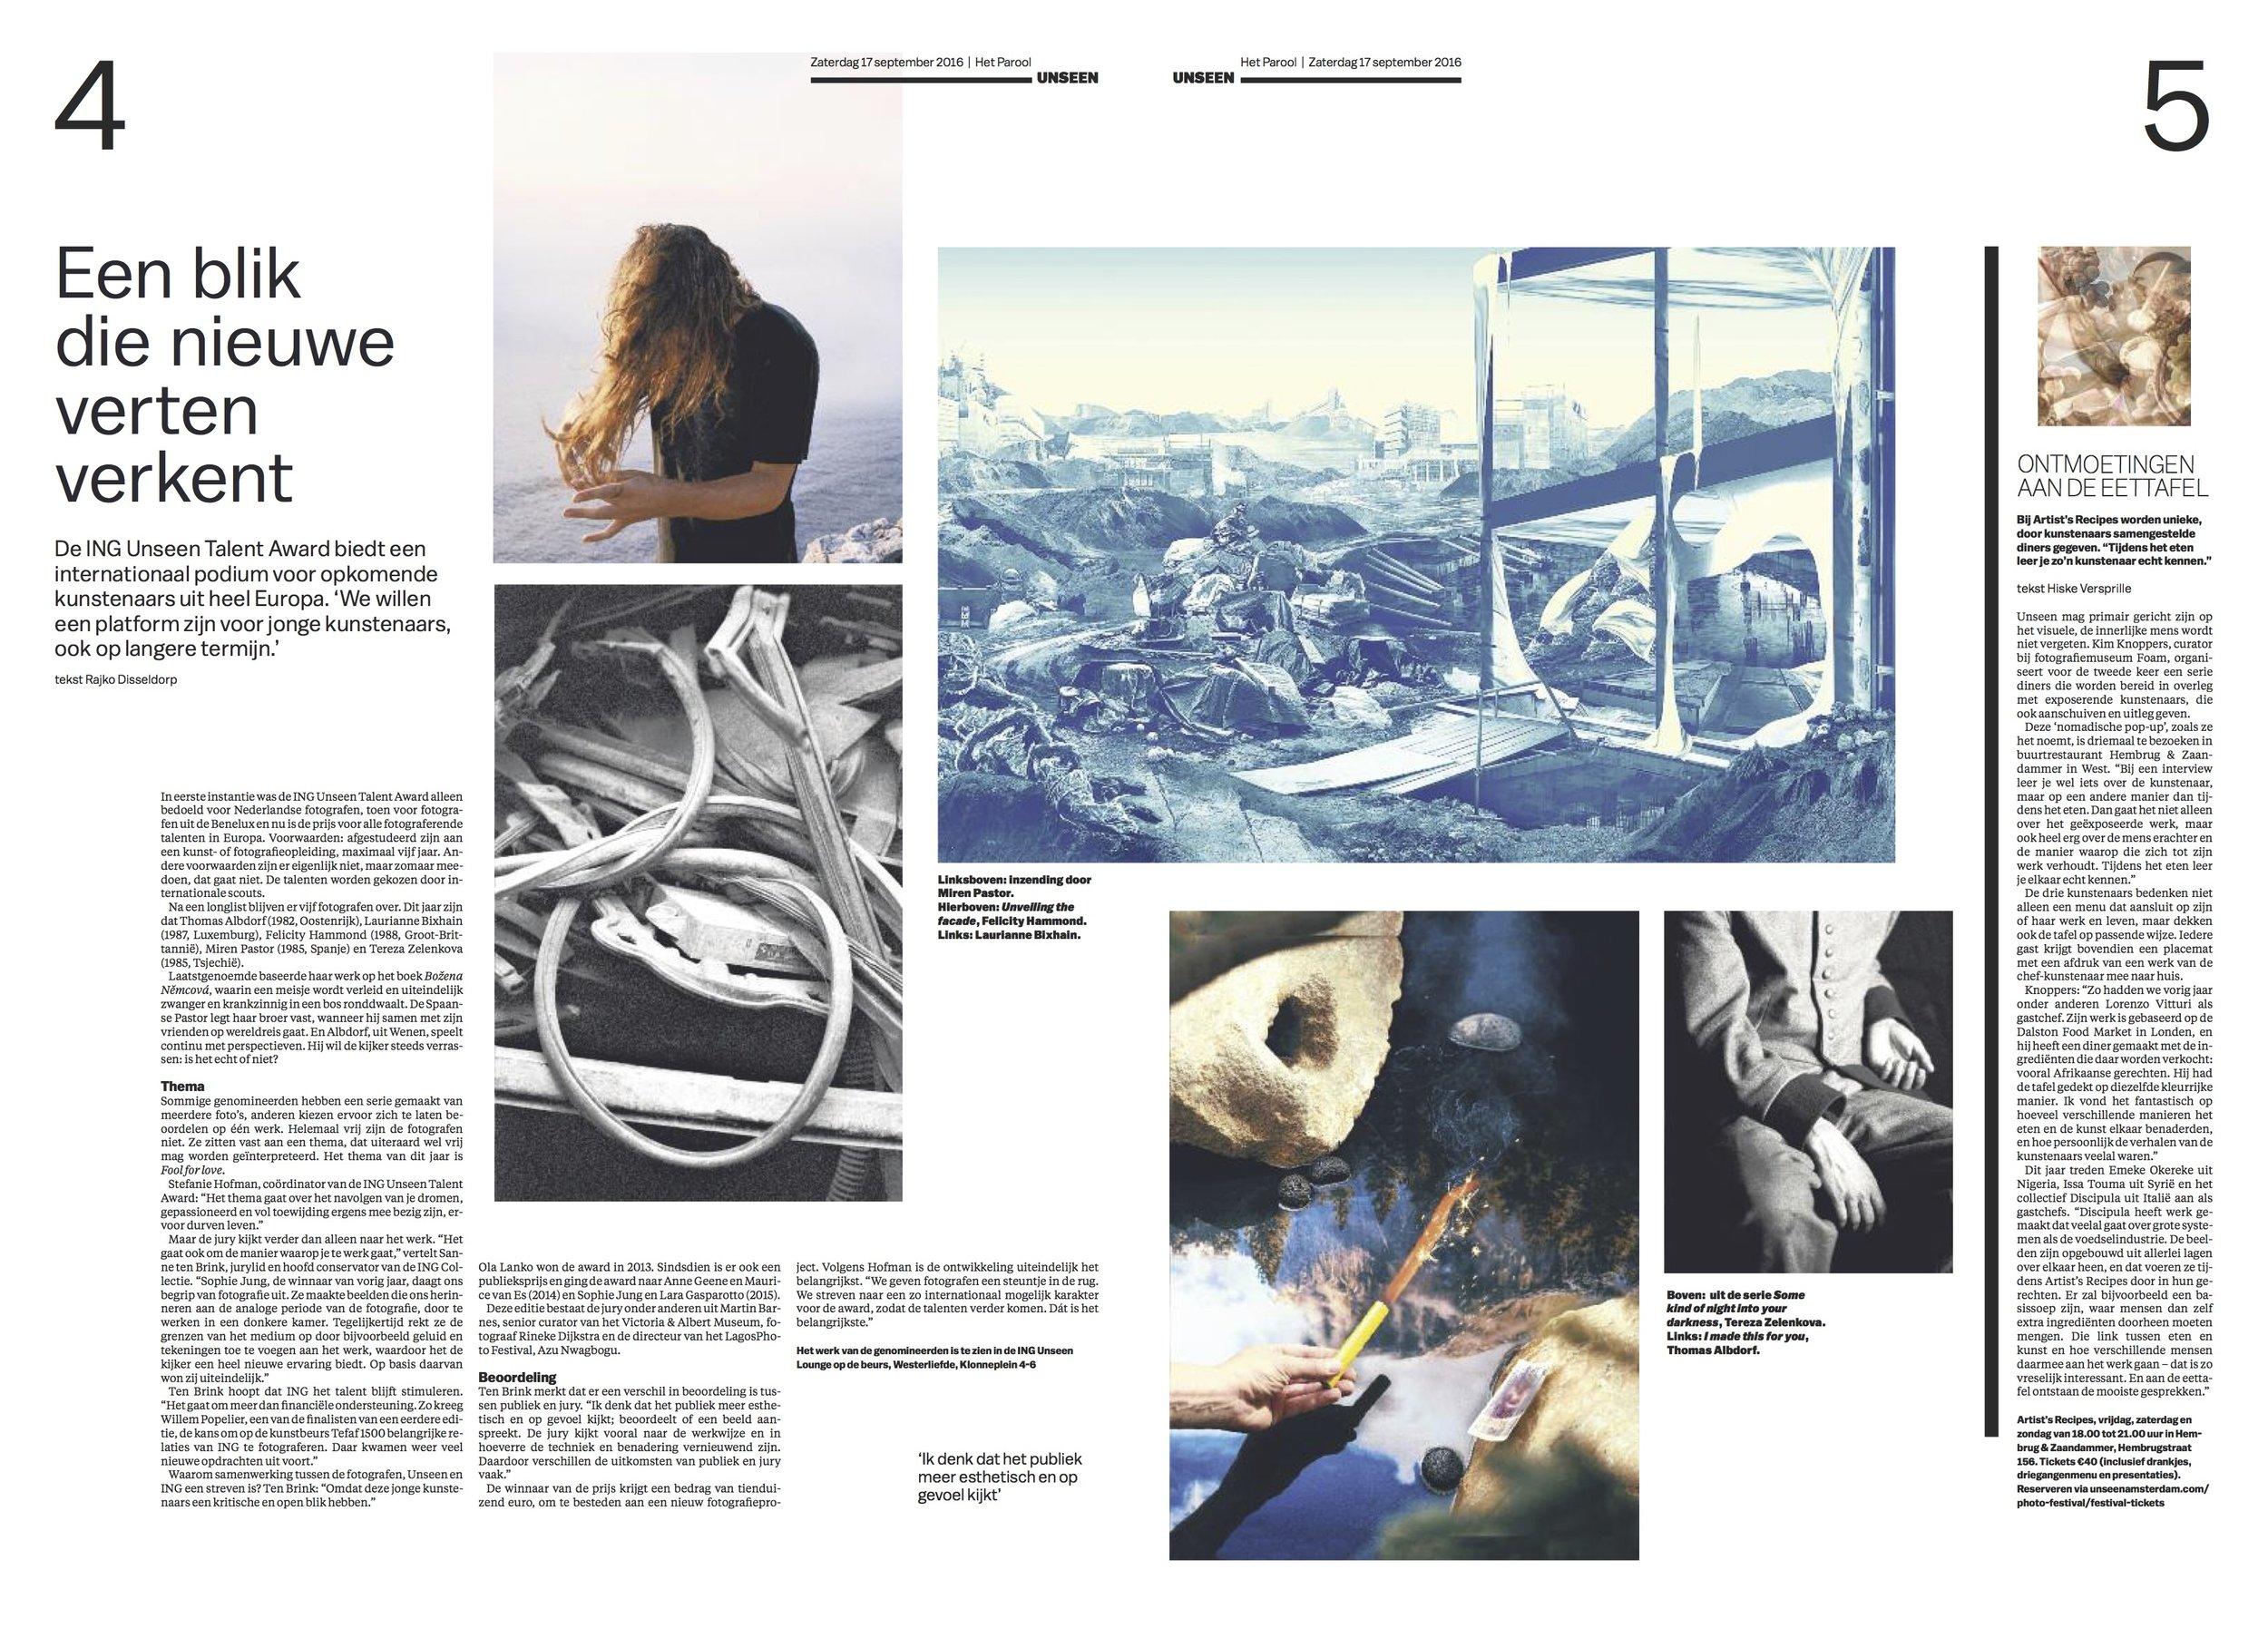 Newspaper feature: Het Parool, Netherlands